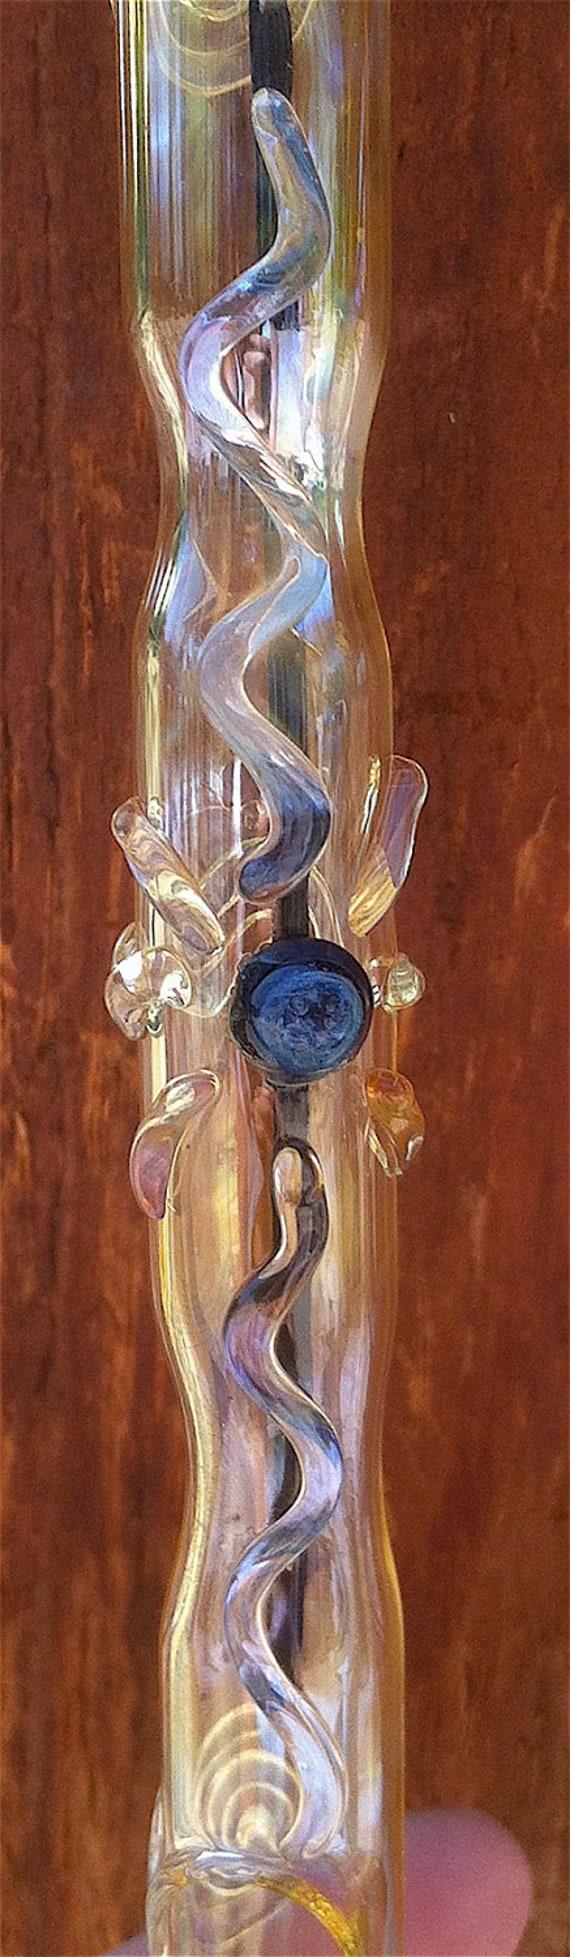 Hanging Glass Incense Burner with Sunburst Symbol C